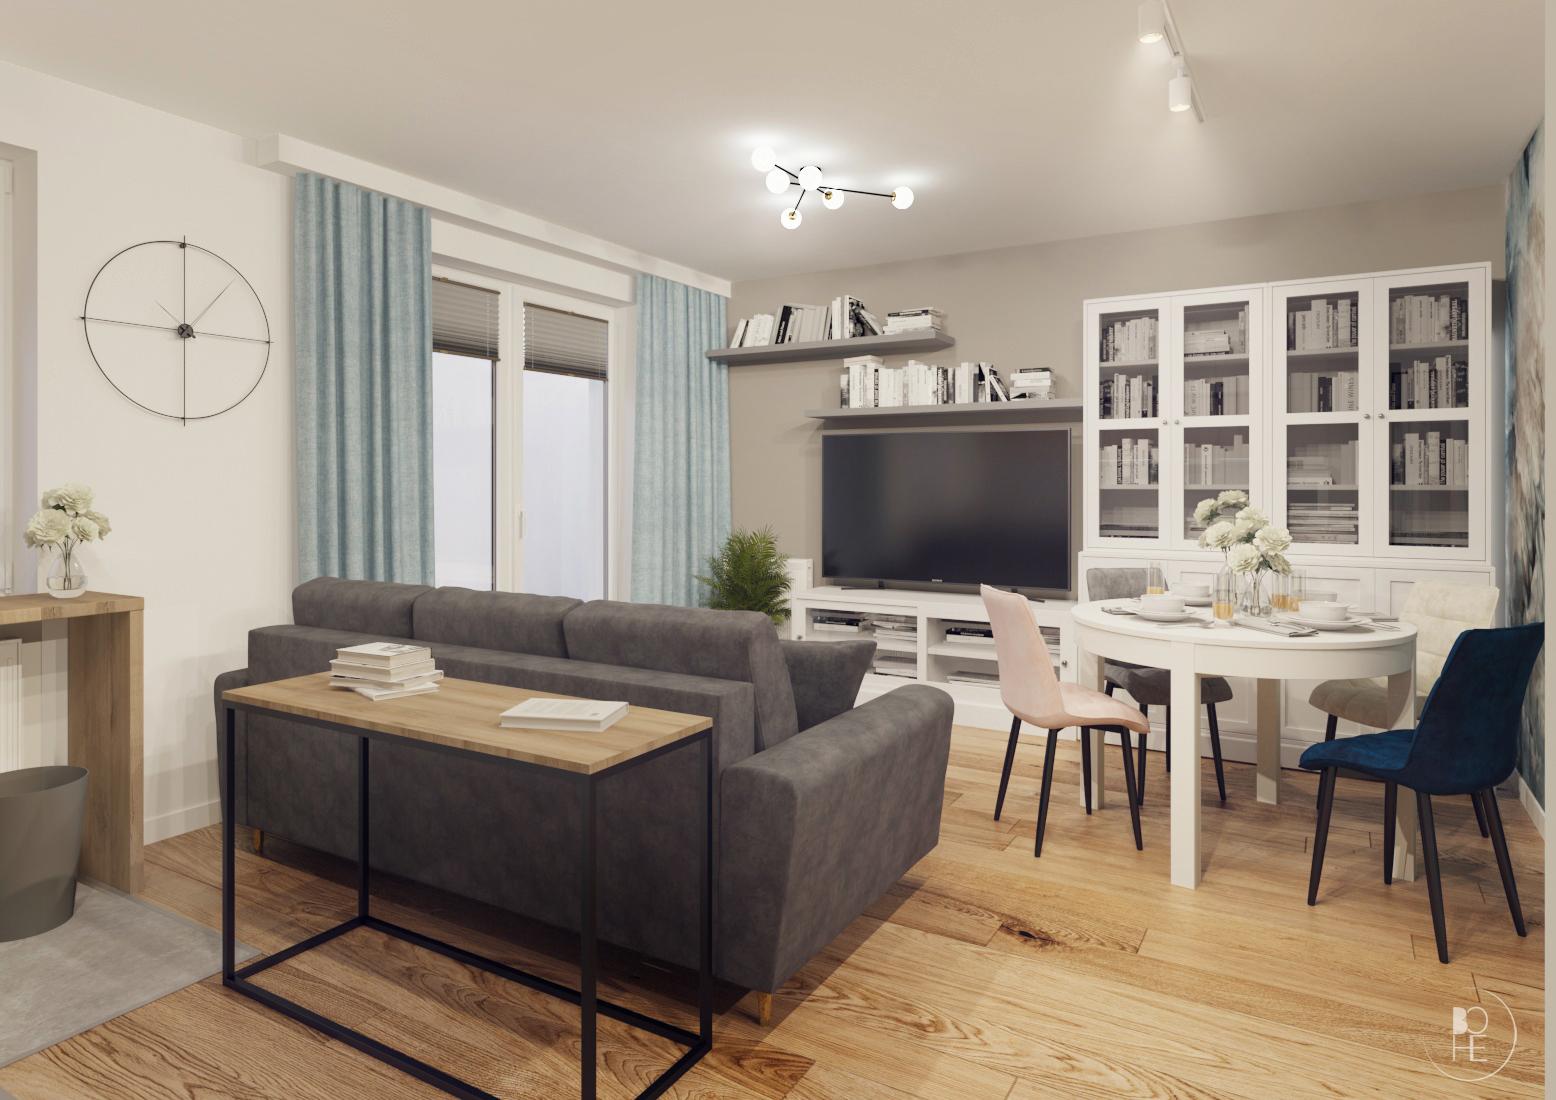 projekt wnętrz mieszkania w pastelowych barwach w bloku białystok 2